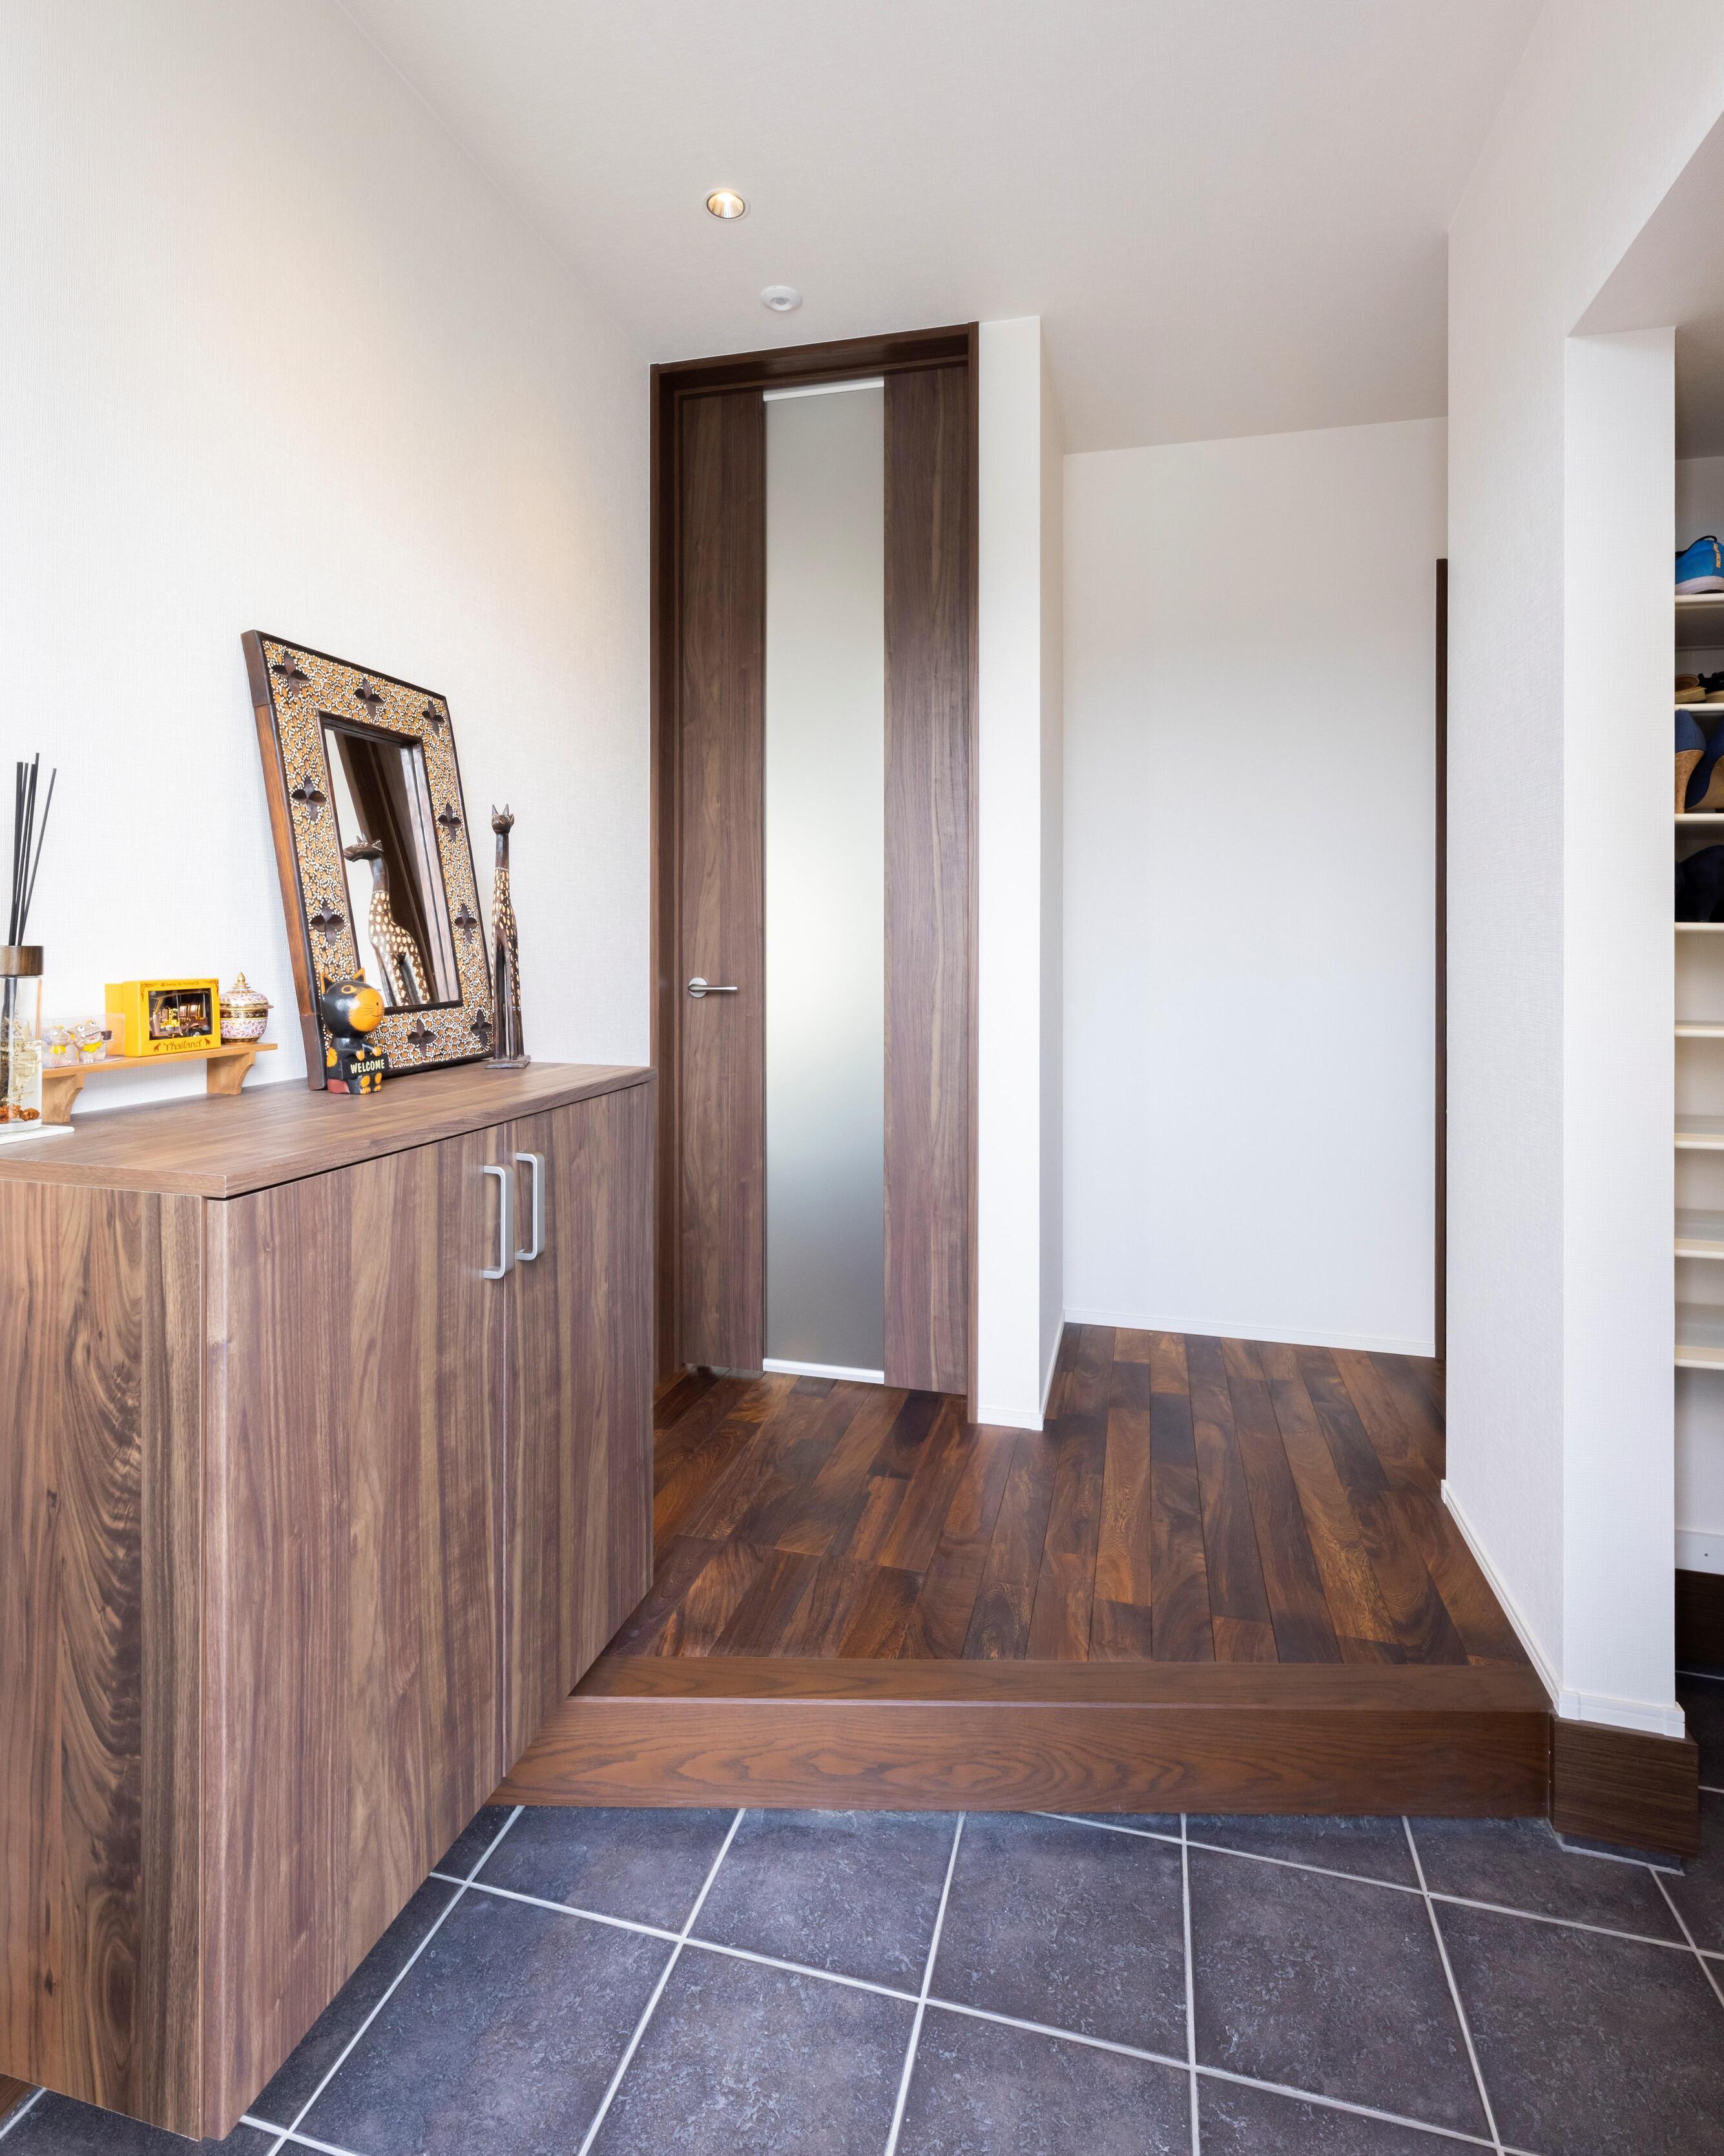 玄関にはシューズクロークだけでなく、シューズボックスも設置。よく使うシューズと使い分けて収納できる